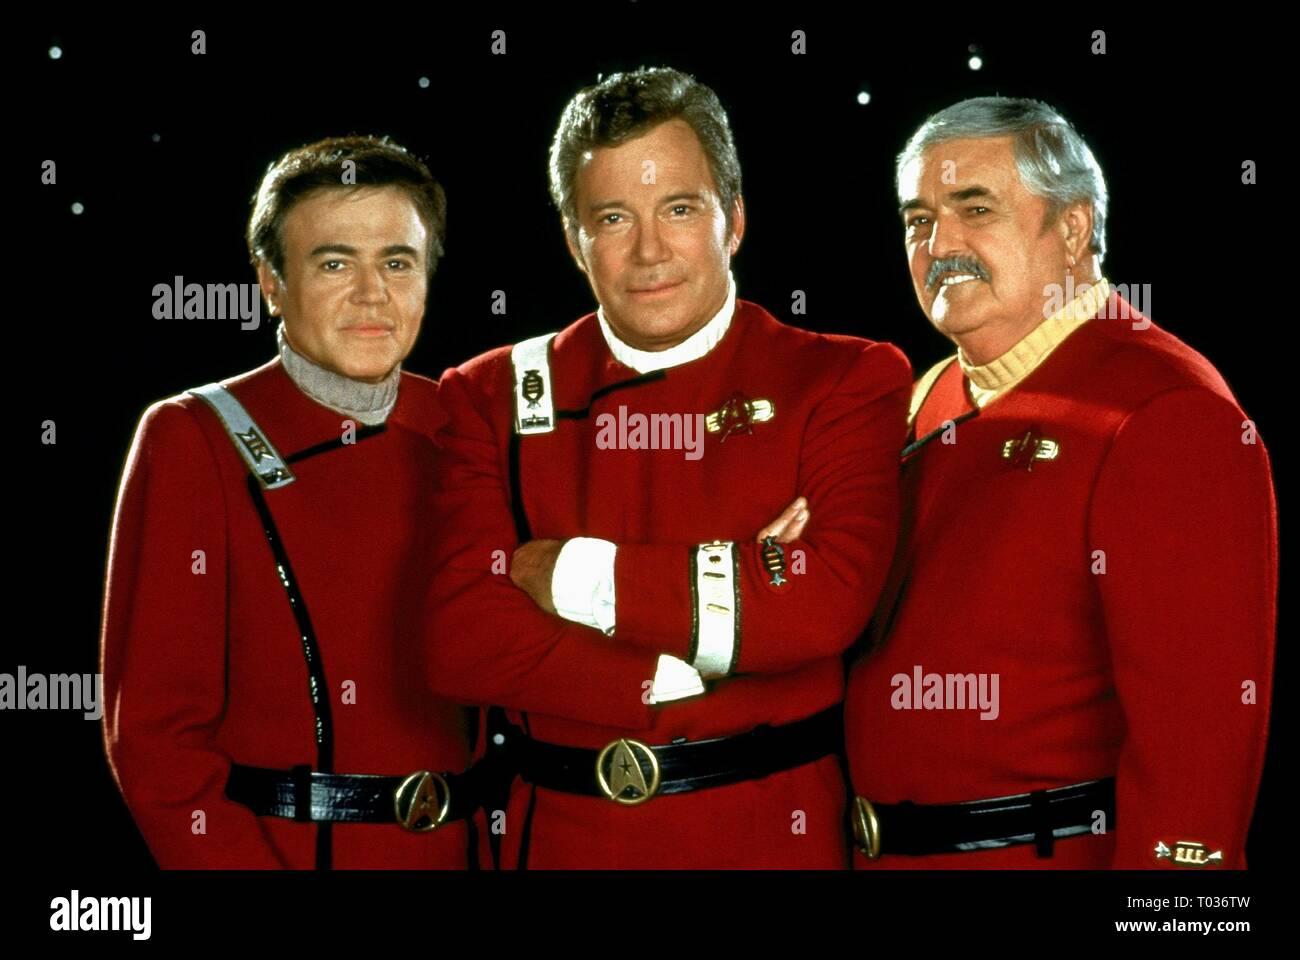 WALTER KOENIG, WILLIAM SHATNER, JAMES DOOHAN, STAR TREK: GENERATIONS, 1994 - Stock Image